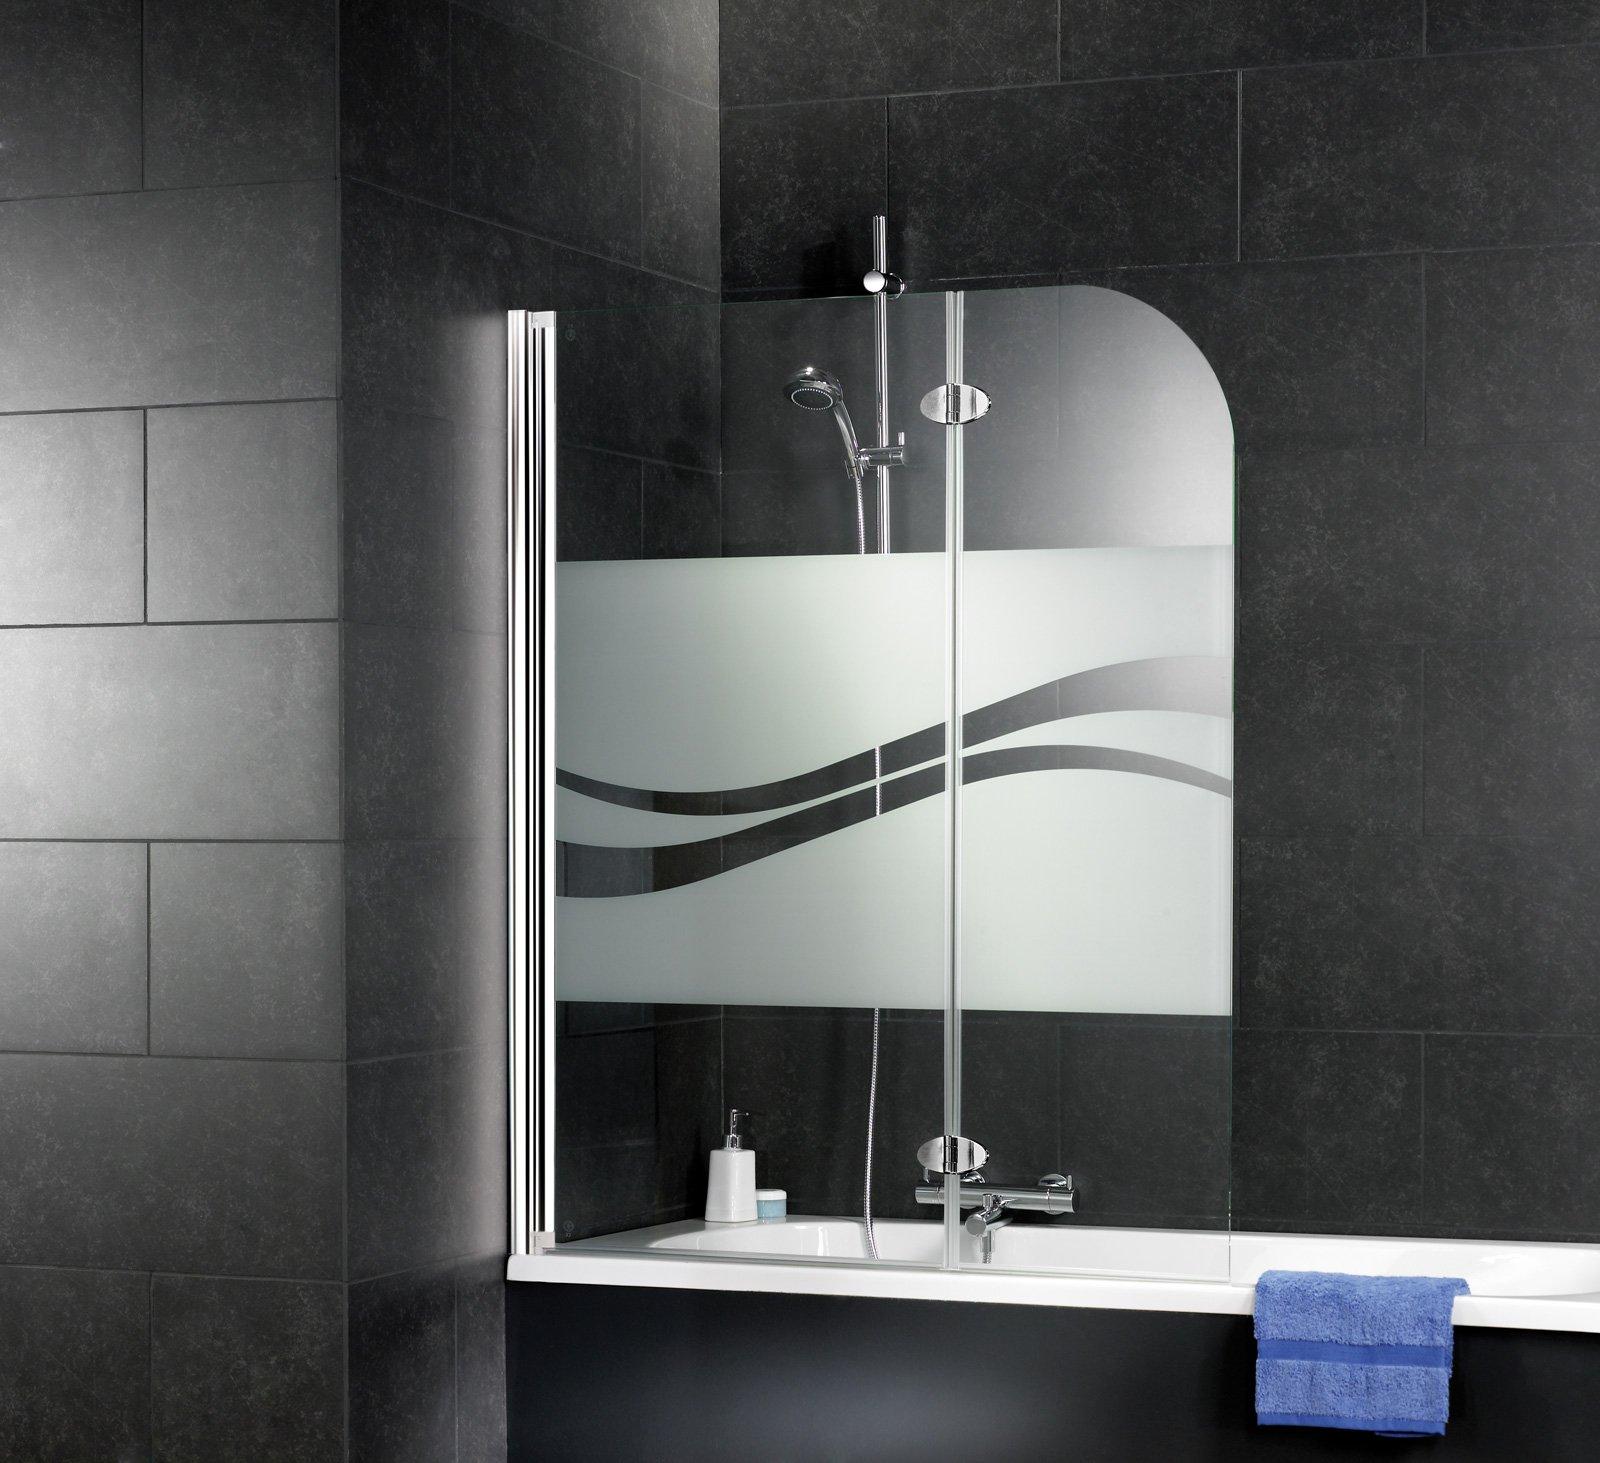 Schulte Mampara para bañera, abatible, mampara de bañera, plegable, 112 x 140 cm, pantalla de bañera, 2 partes giratorias, de vidrio, Decoración de Liana, perfil de aspecto cromado: Amazon.es: Bricolaje y herramientas